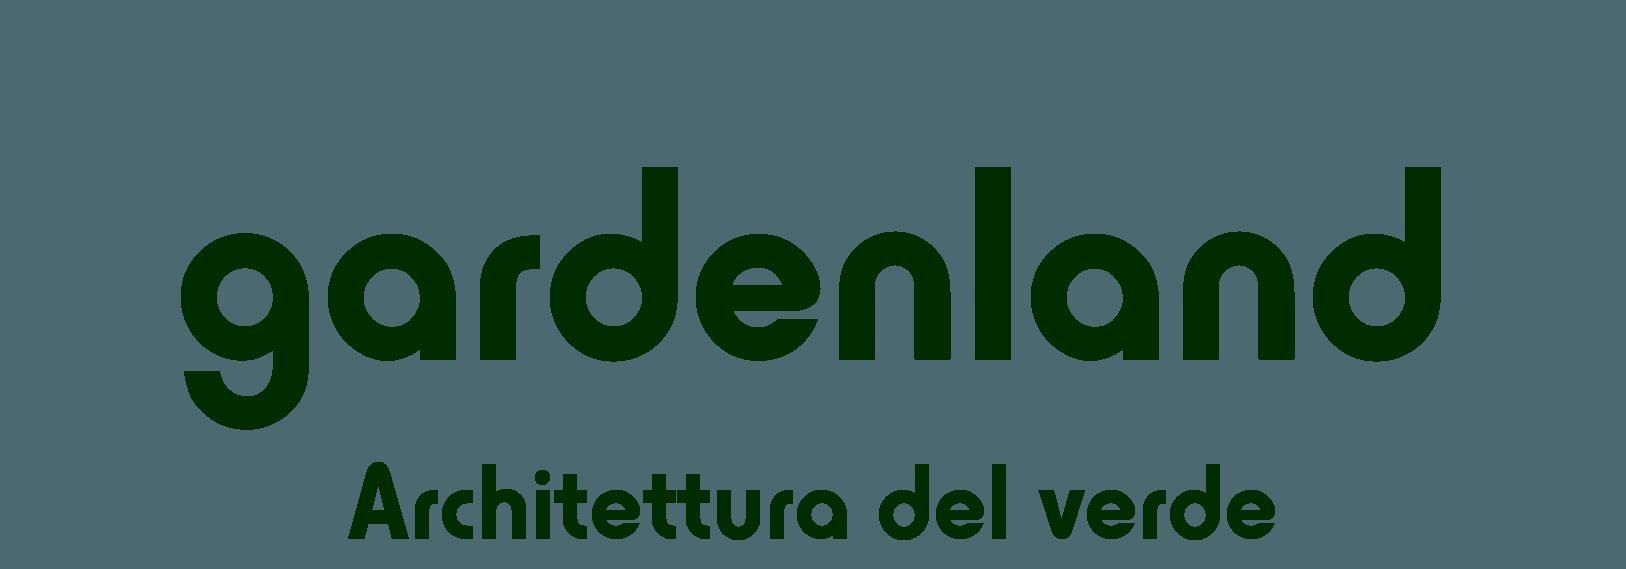 GARDENLAND GIACOMASSO - LOGO